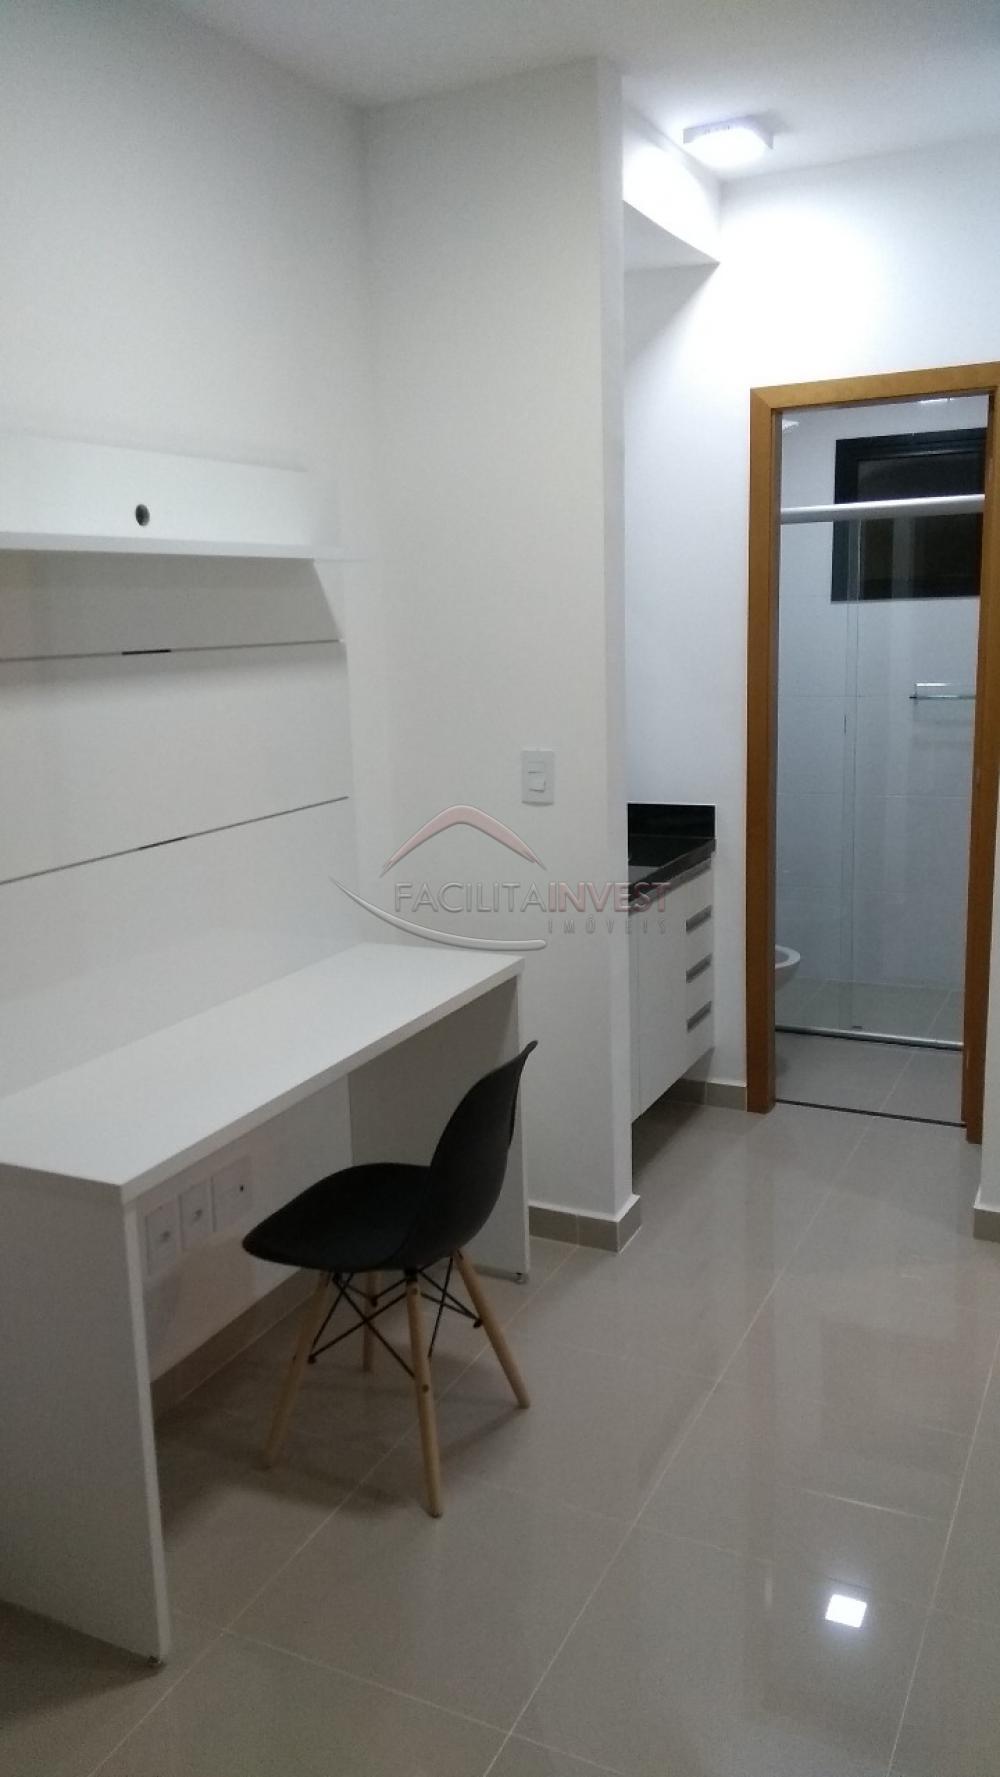 Alugar Apartamentos / Apart. Padrão em Ribeirão Preto apenas R$ 890,00 - Foto 5